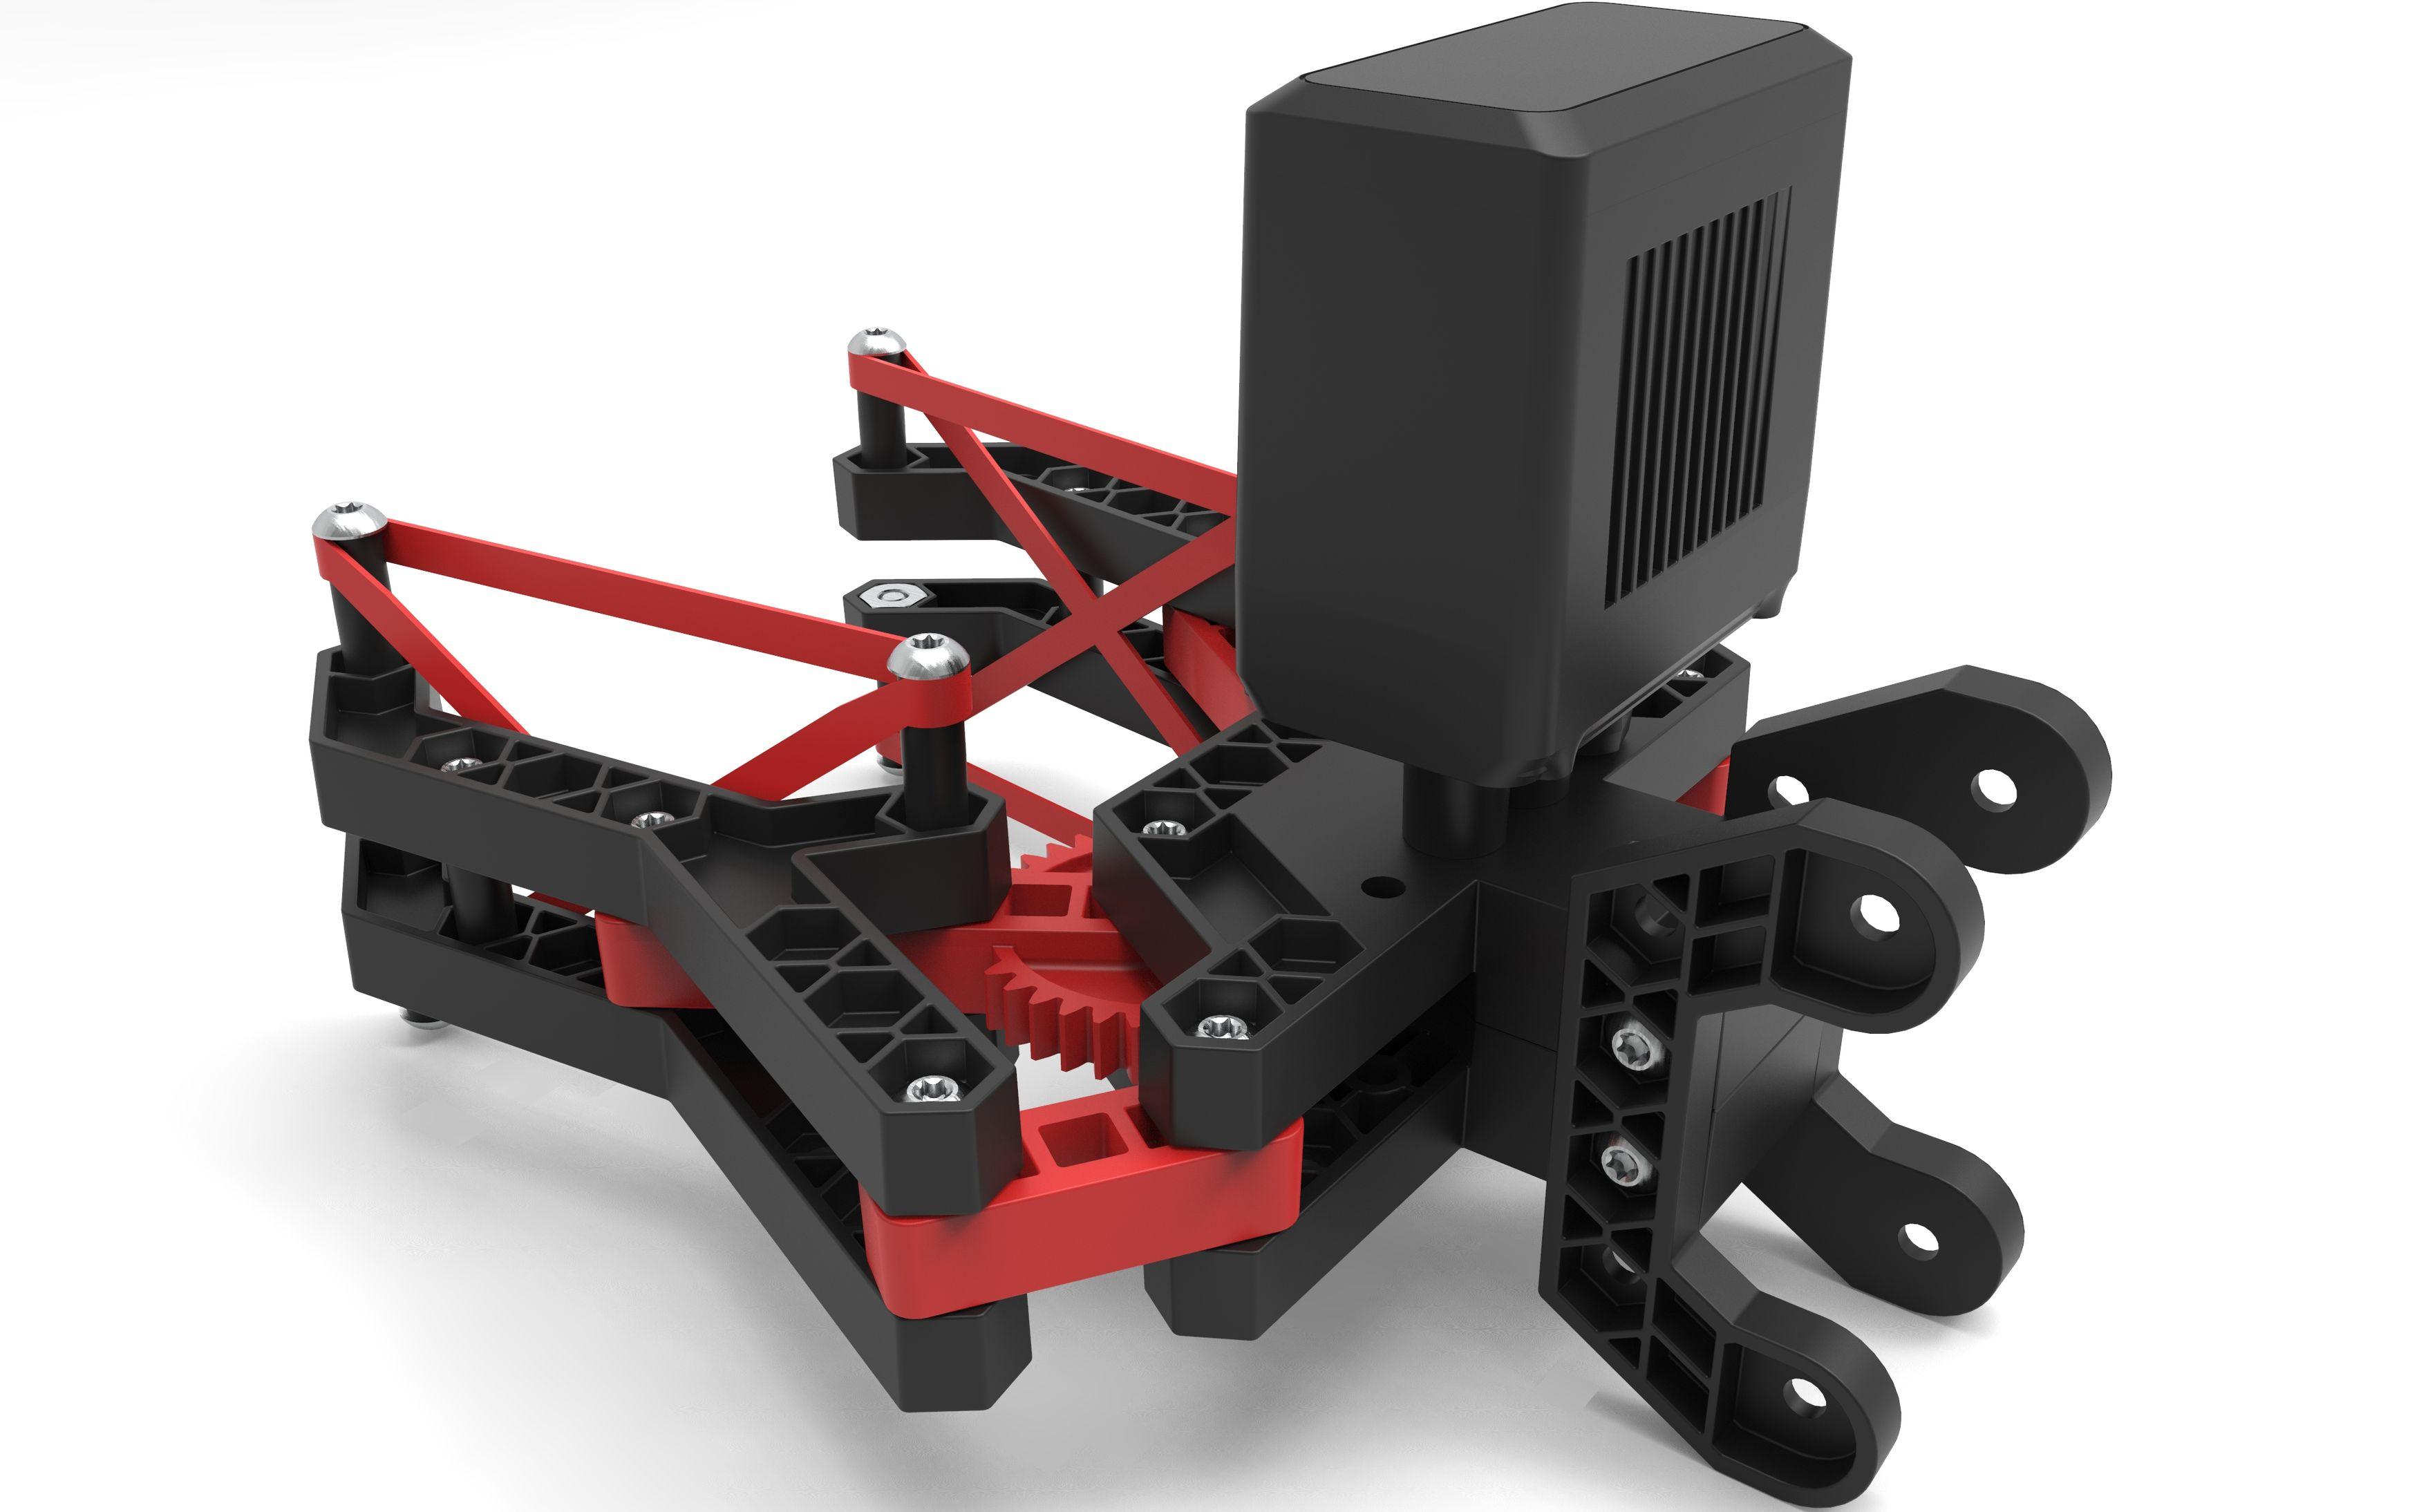 Vex-robotics-v5-design-fabrica-de-nerdes-6-3500-3500